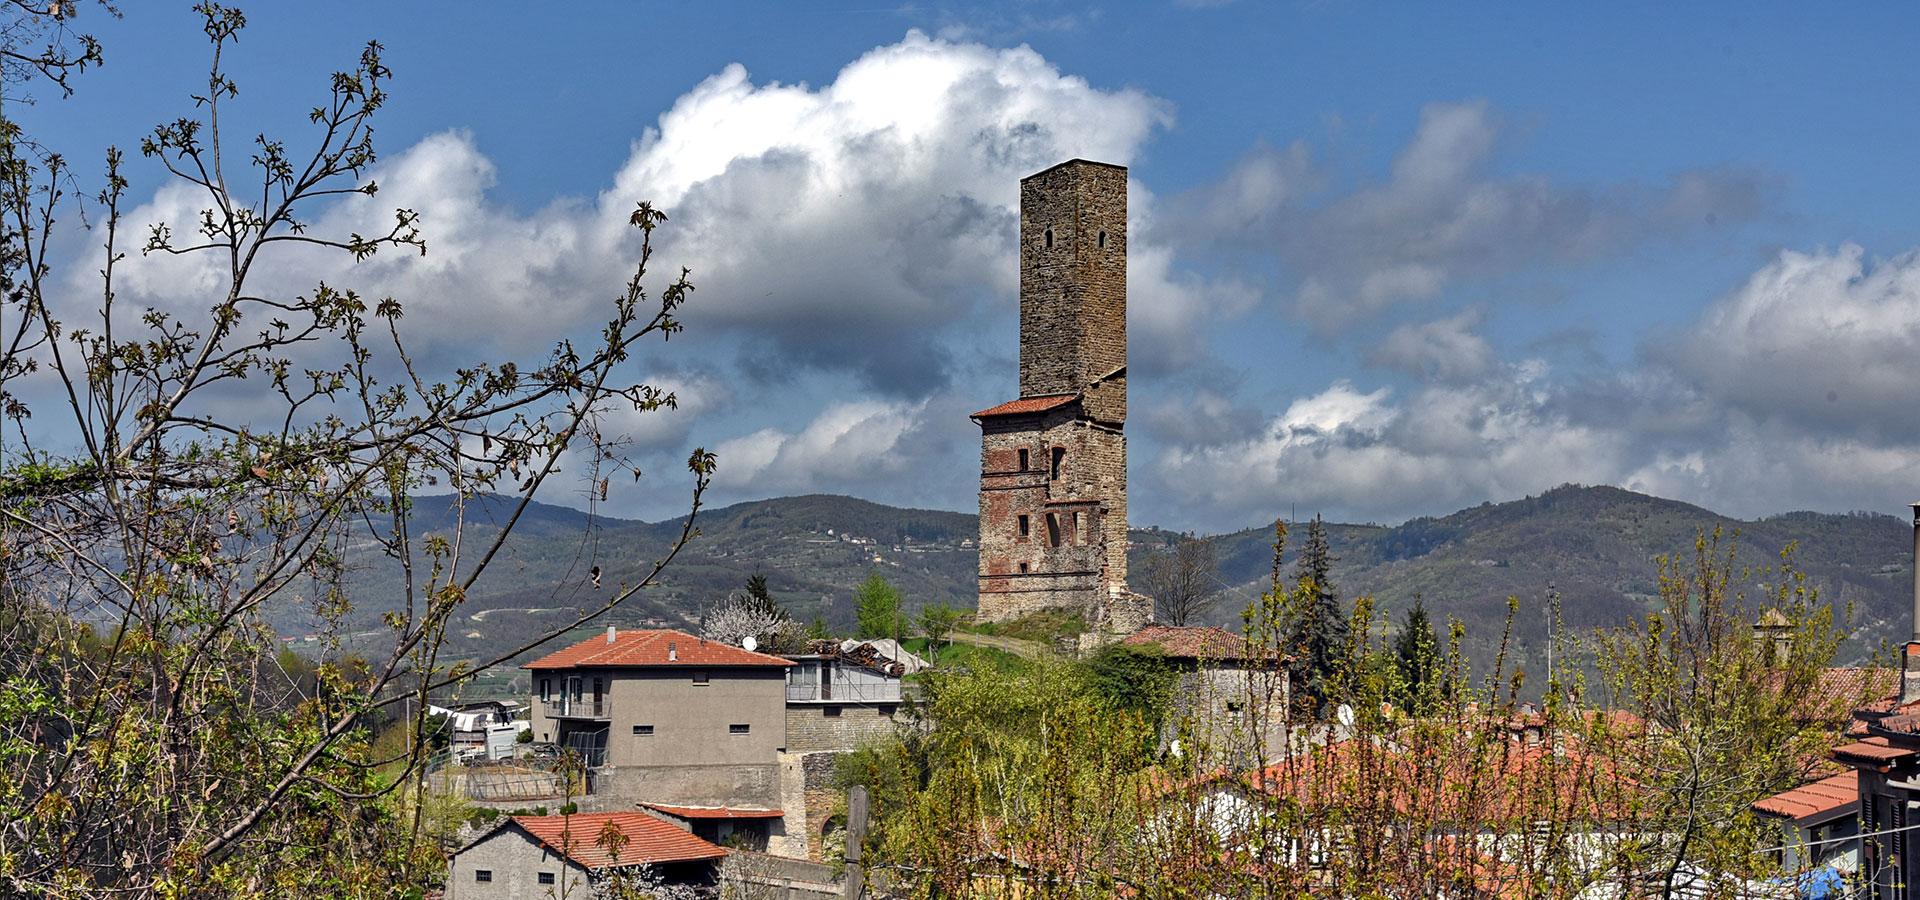 Torre-Camerana-6